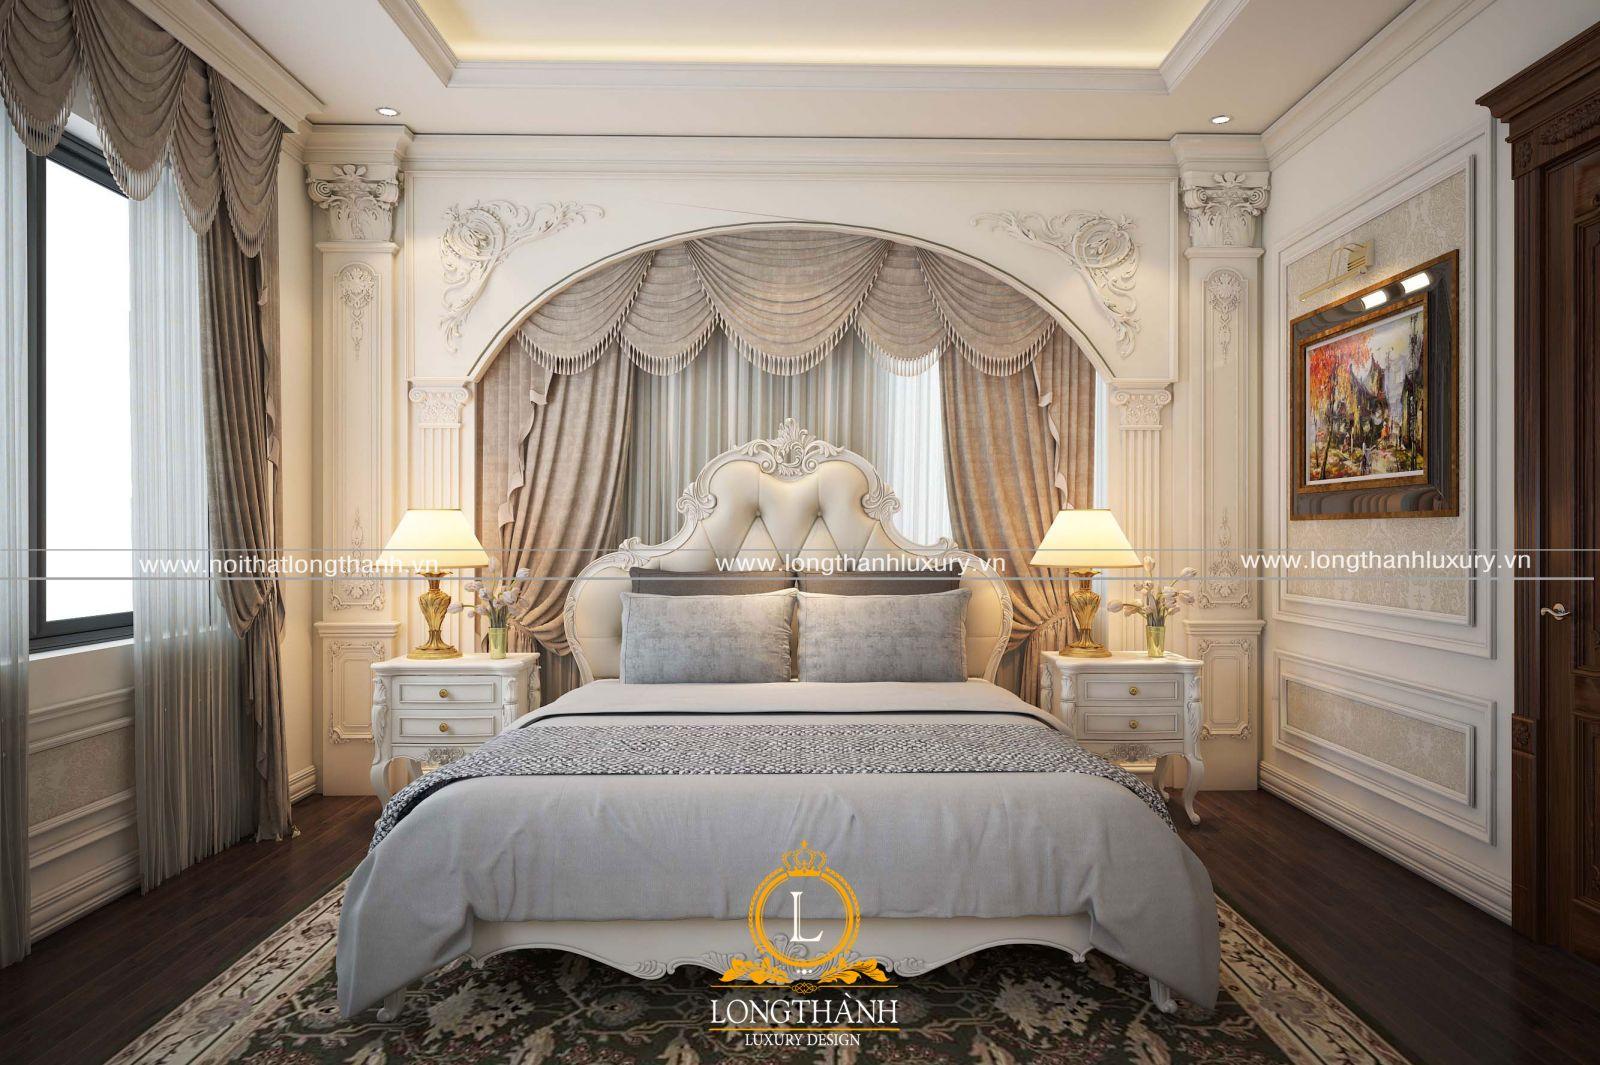 Quyến rũ hơn với mẫu phòng ngủ chung cư cao cấp tân cổ điển